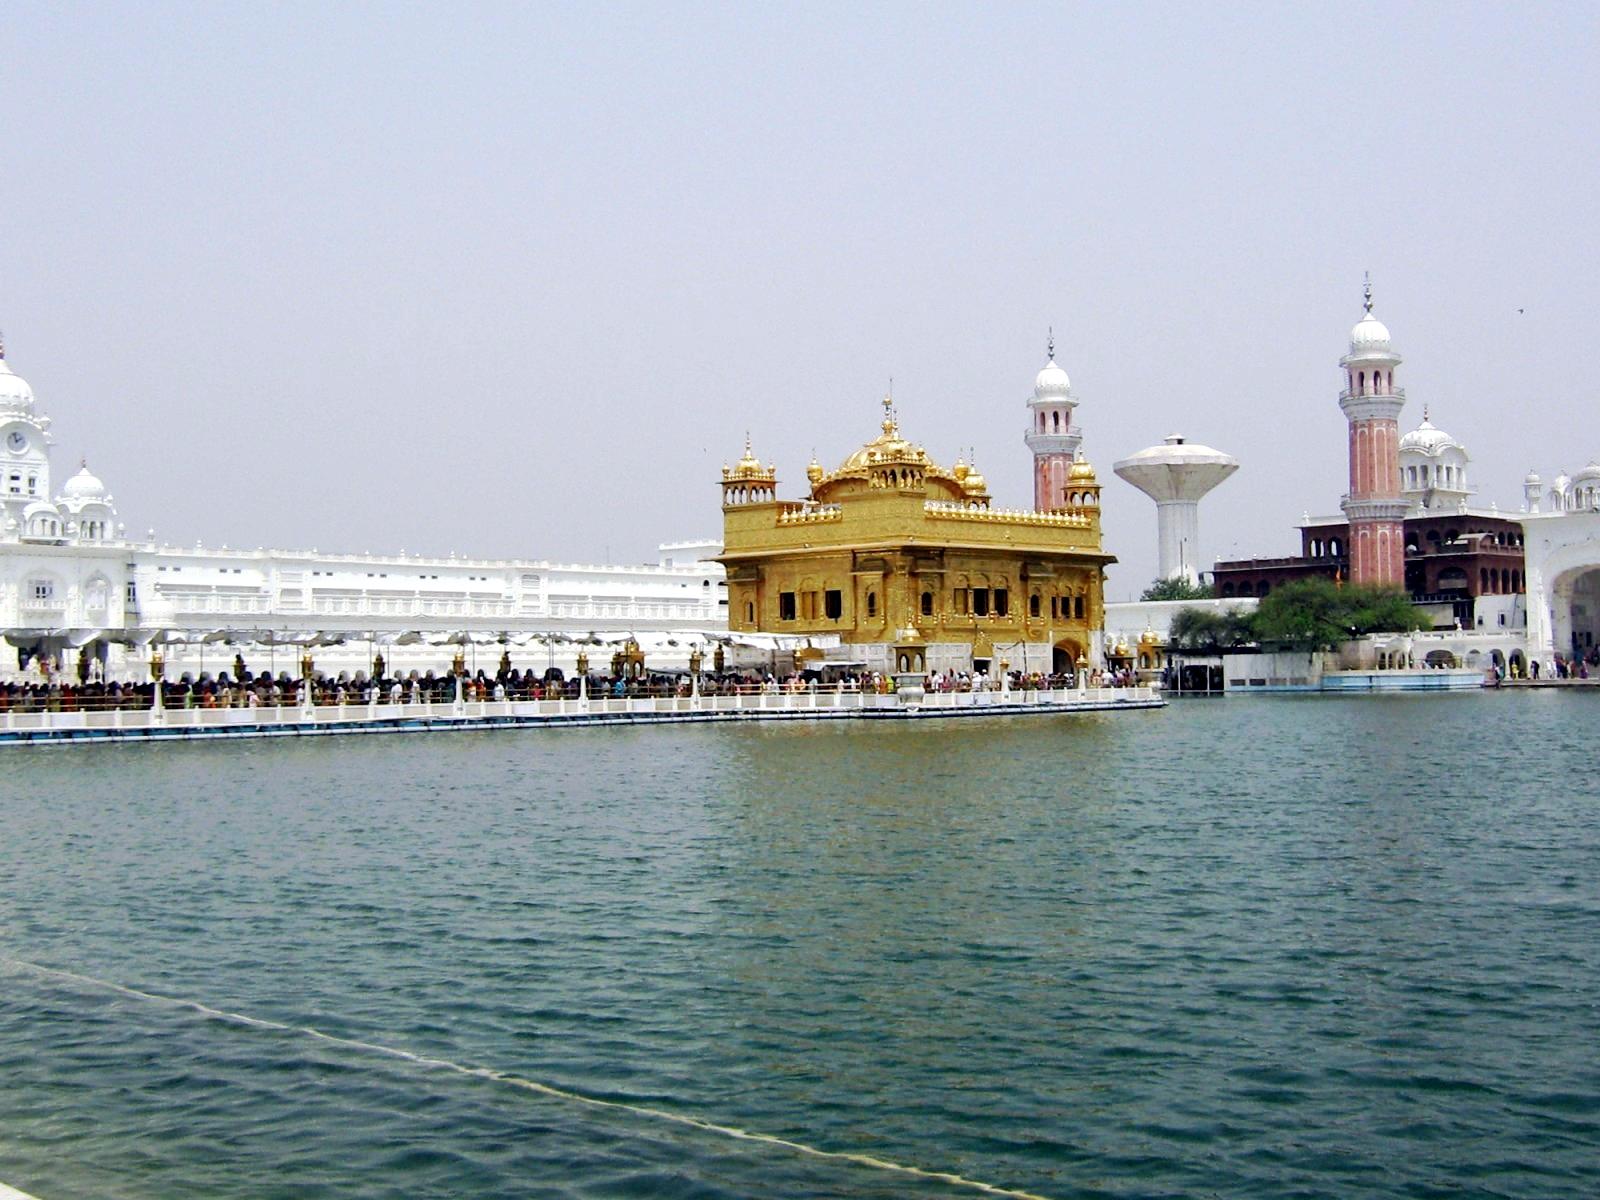 File:Harmandir Sahib 2.jpg - Wikipedia